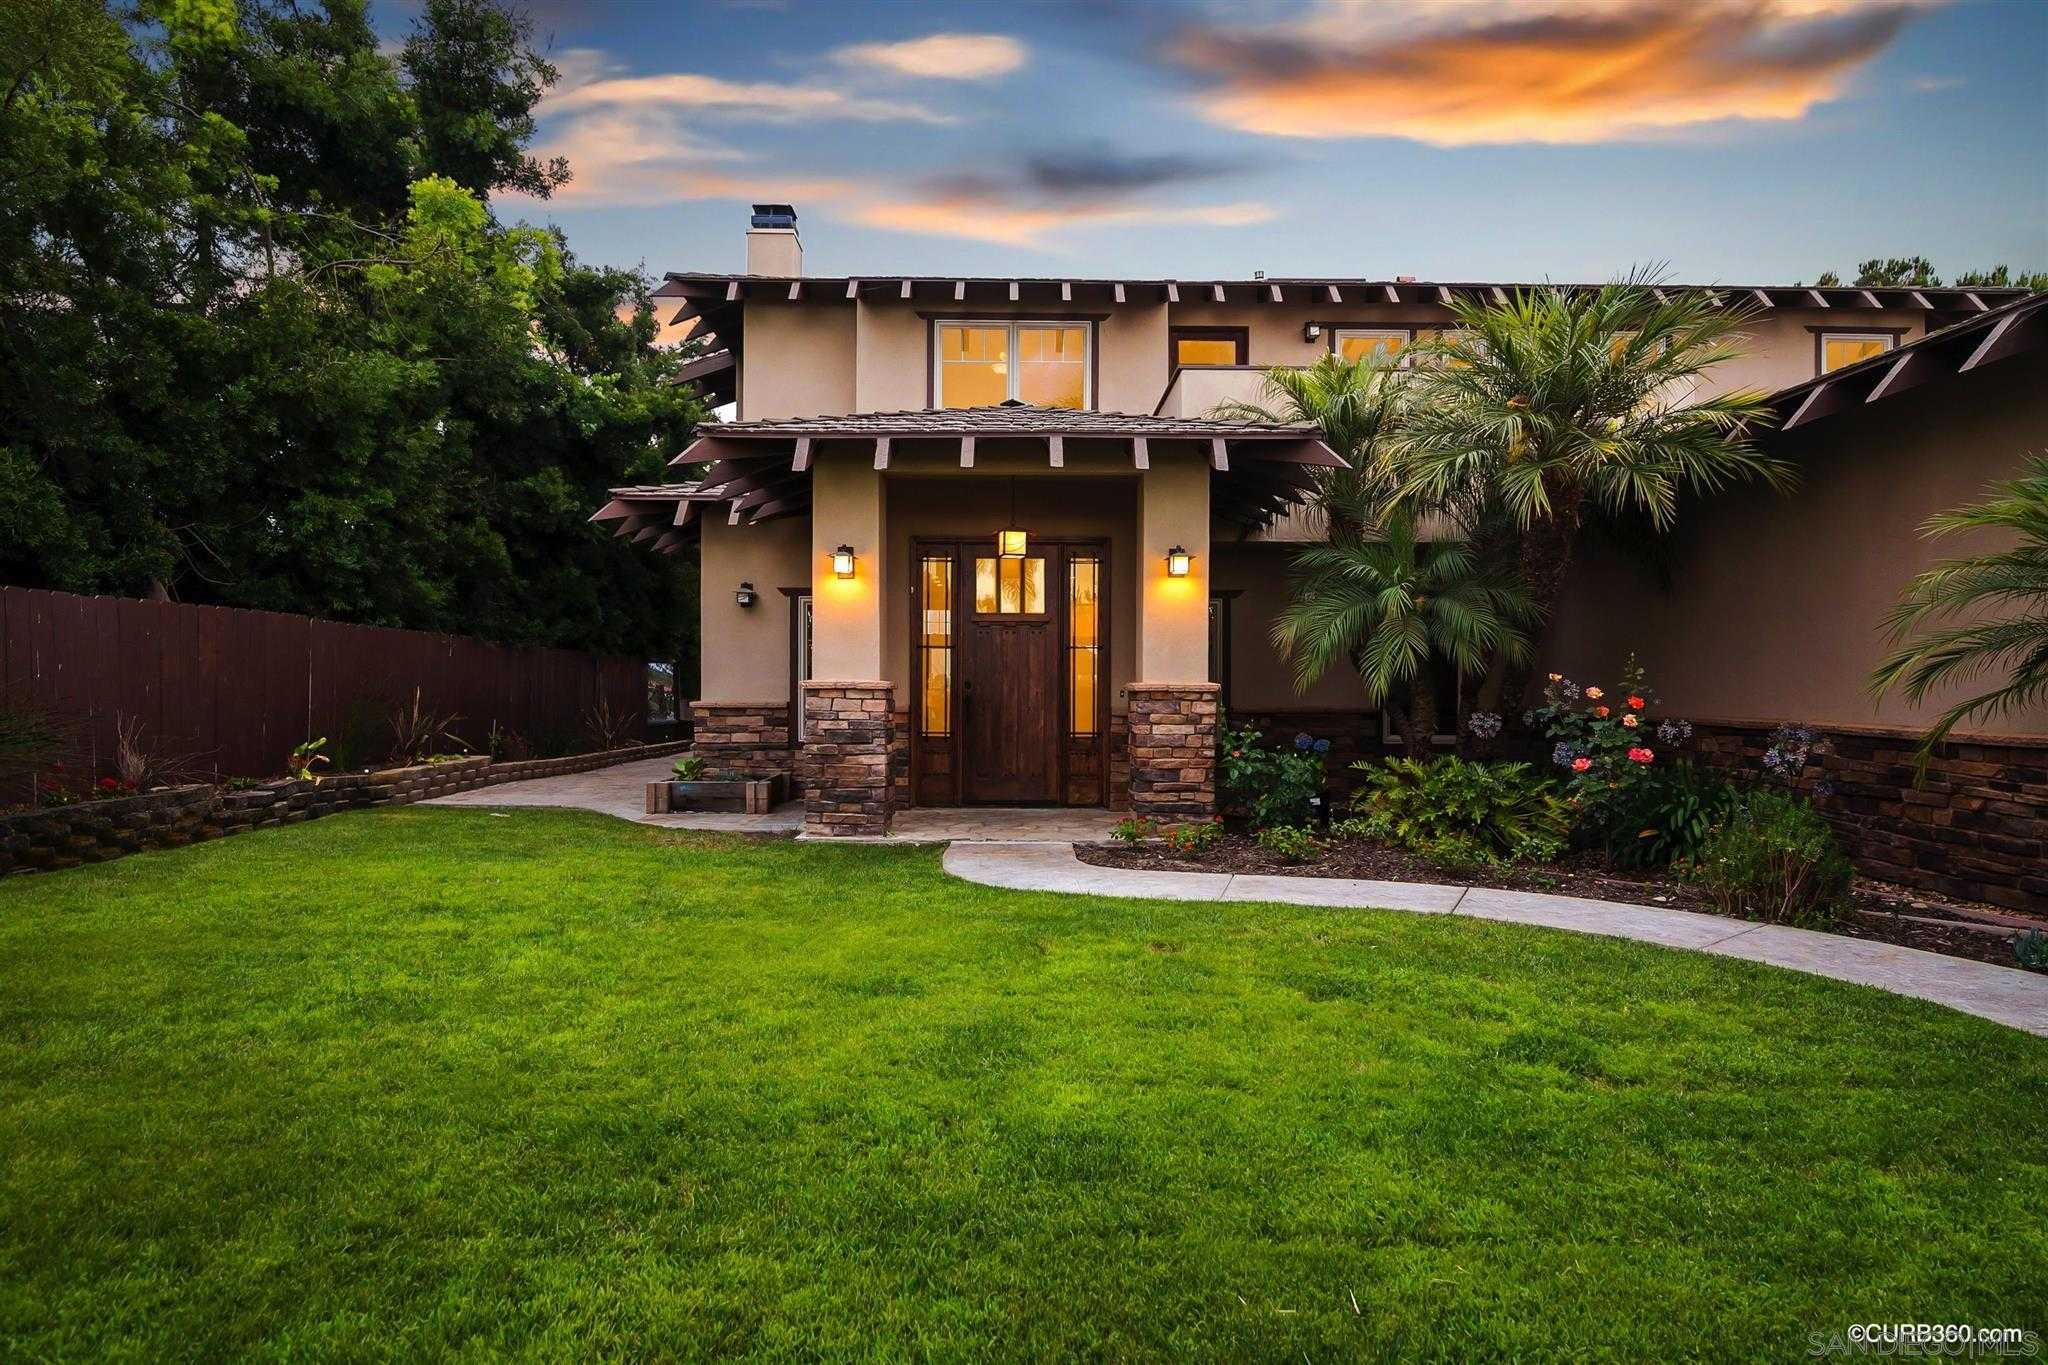 $2,580,000 - 5Br/6Ba -  for Sale in Soledad South, La Jolla